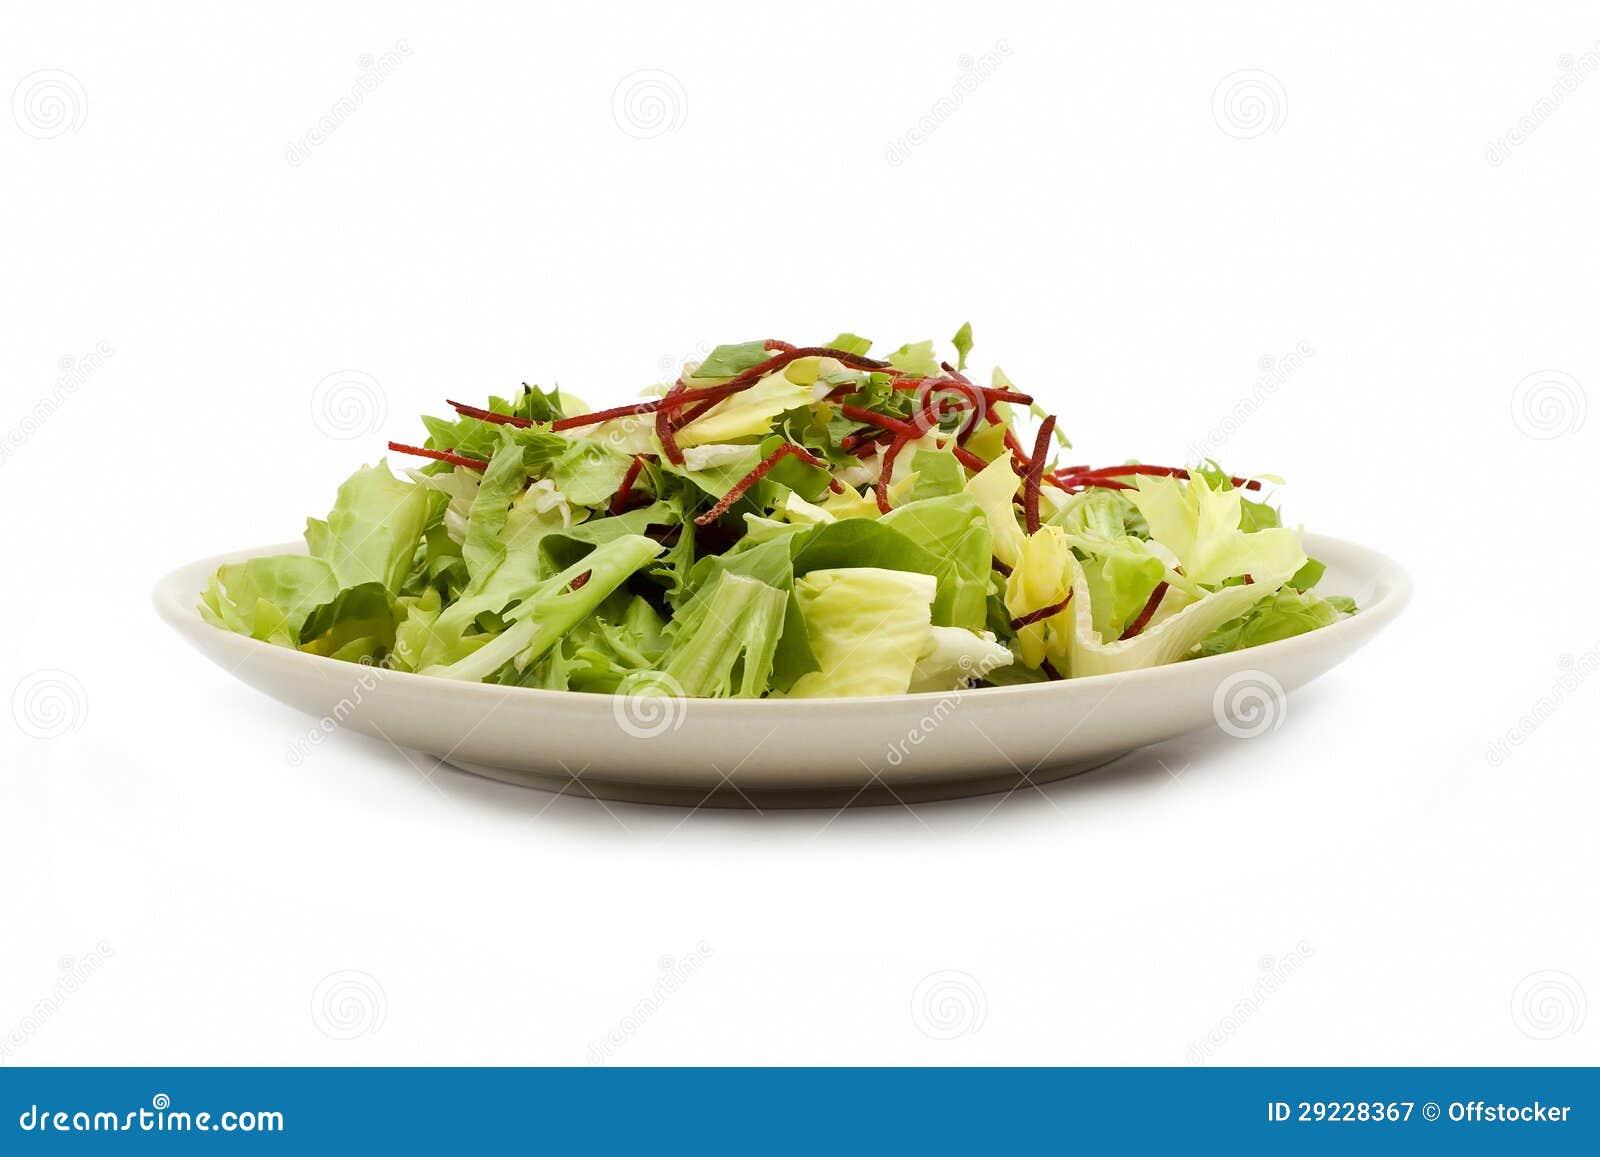 Download Placa da salada imagem de stock. Imagem de imagem, corte - 29228367